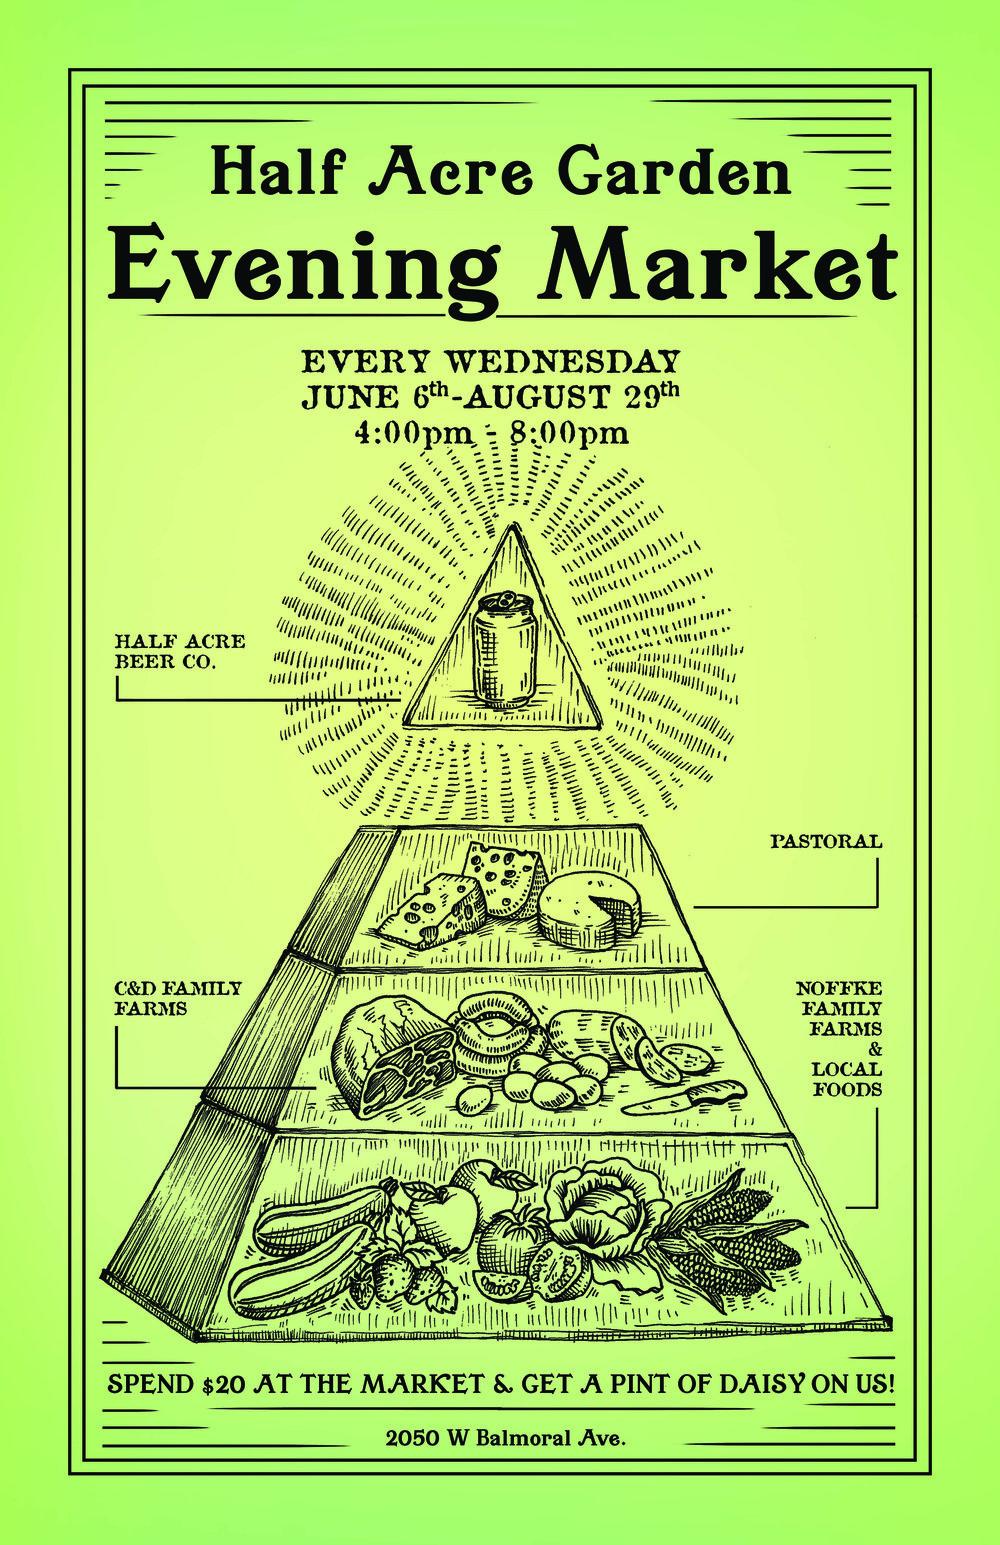 Evening_Market-2.jpg